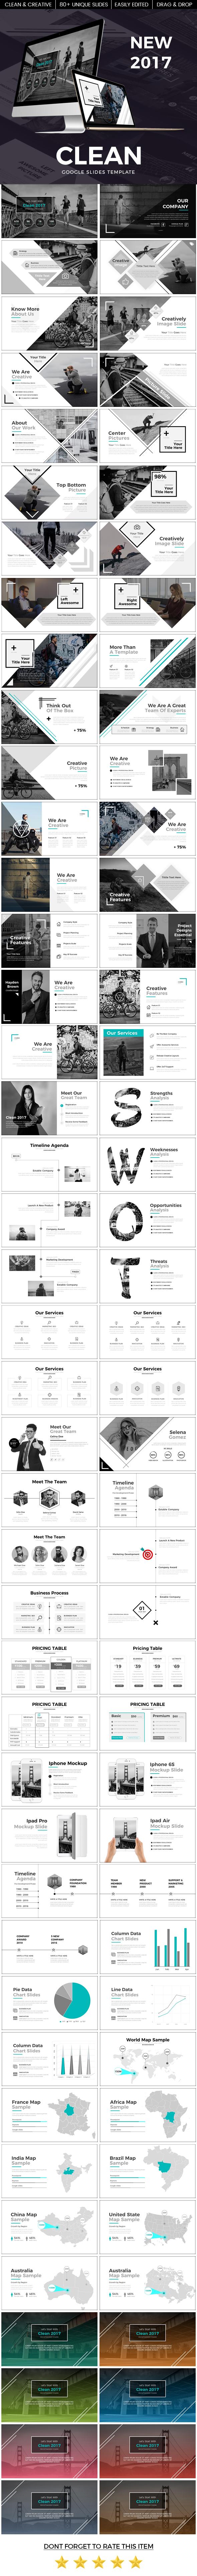 Clean 2017 Google Slide Template - Google Slides Presentation Templates